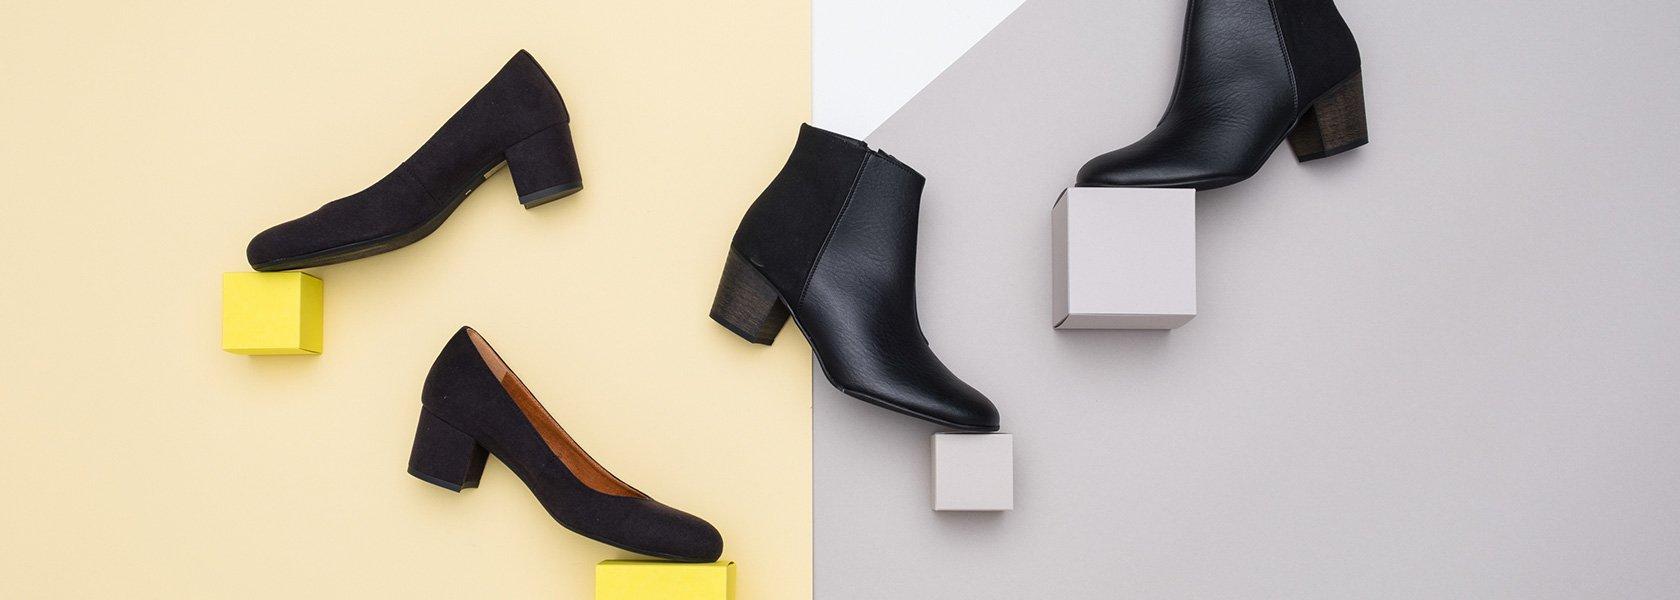 Vegane Schuhe bei Loveco in Kreuzberg